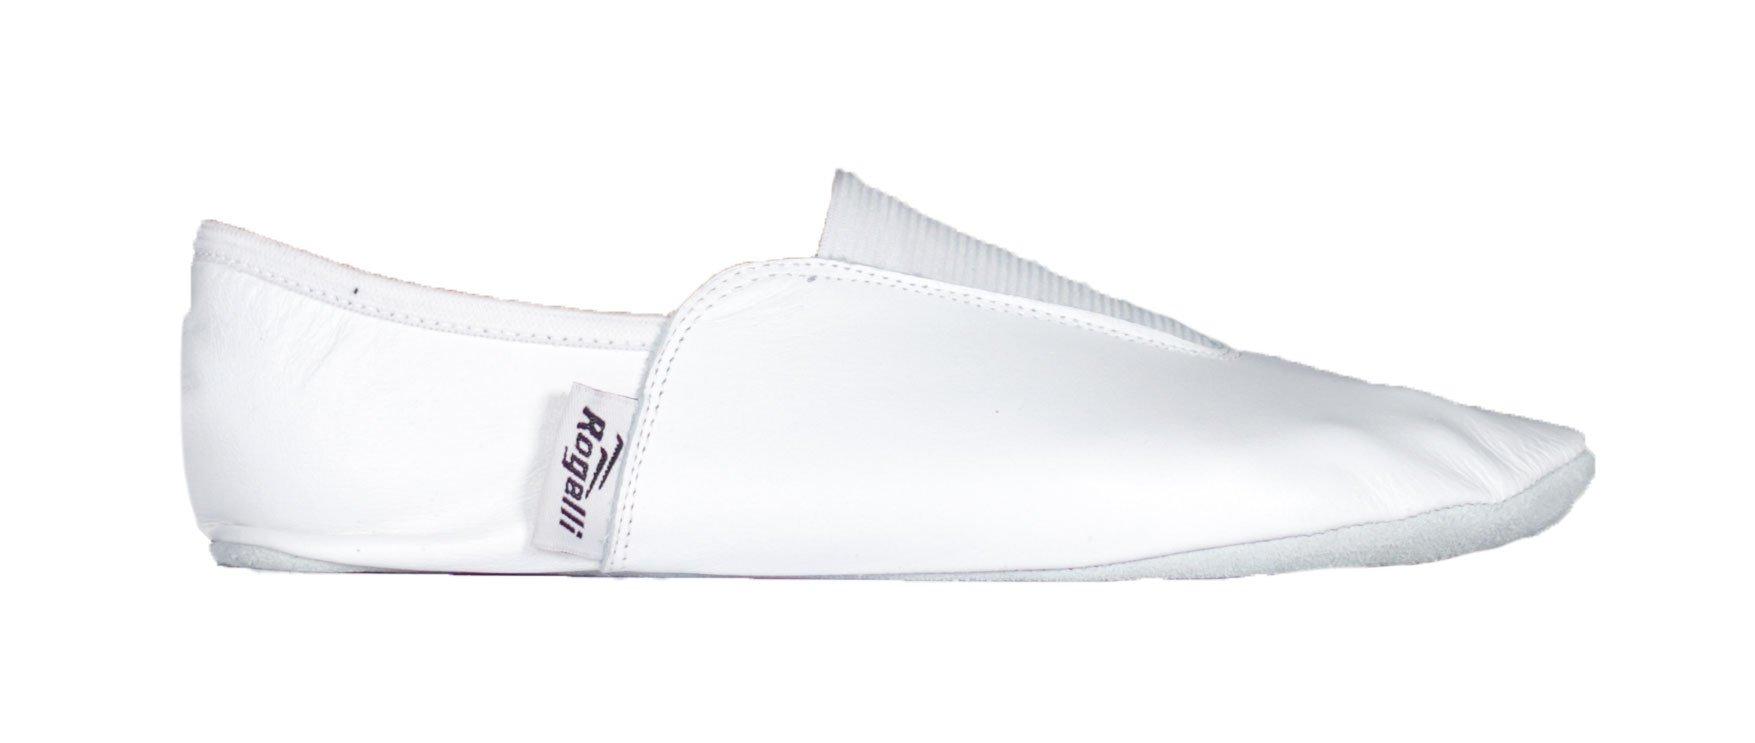 Rogelli Damen Gymnastik Schuhe, Weiß, Größe 41